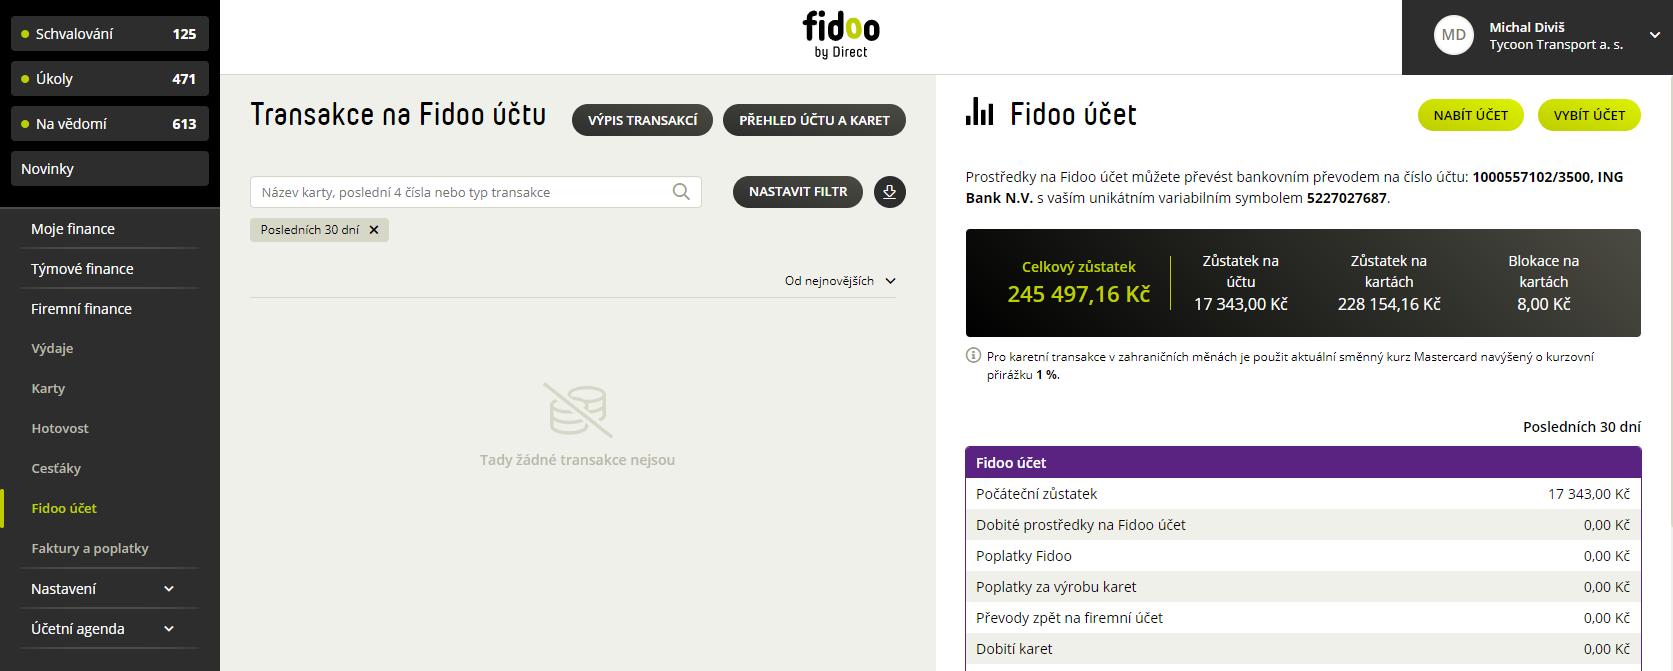 Nový přehled o Fidoo účtu